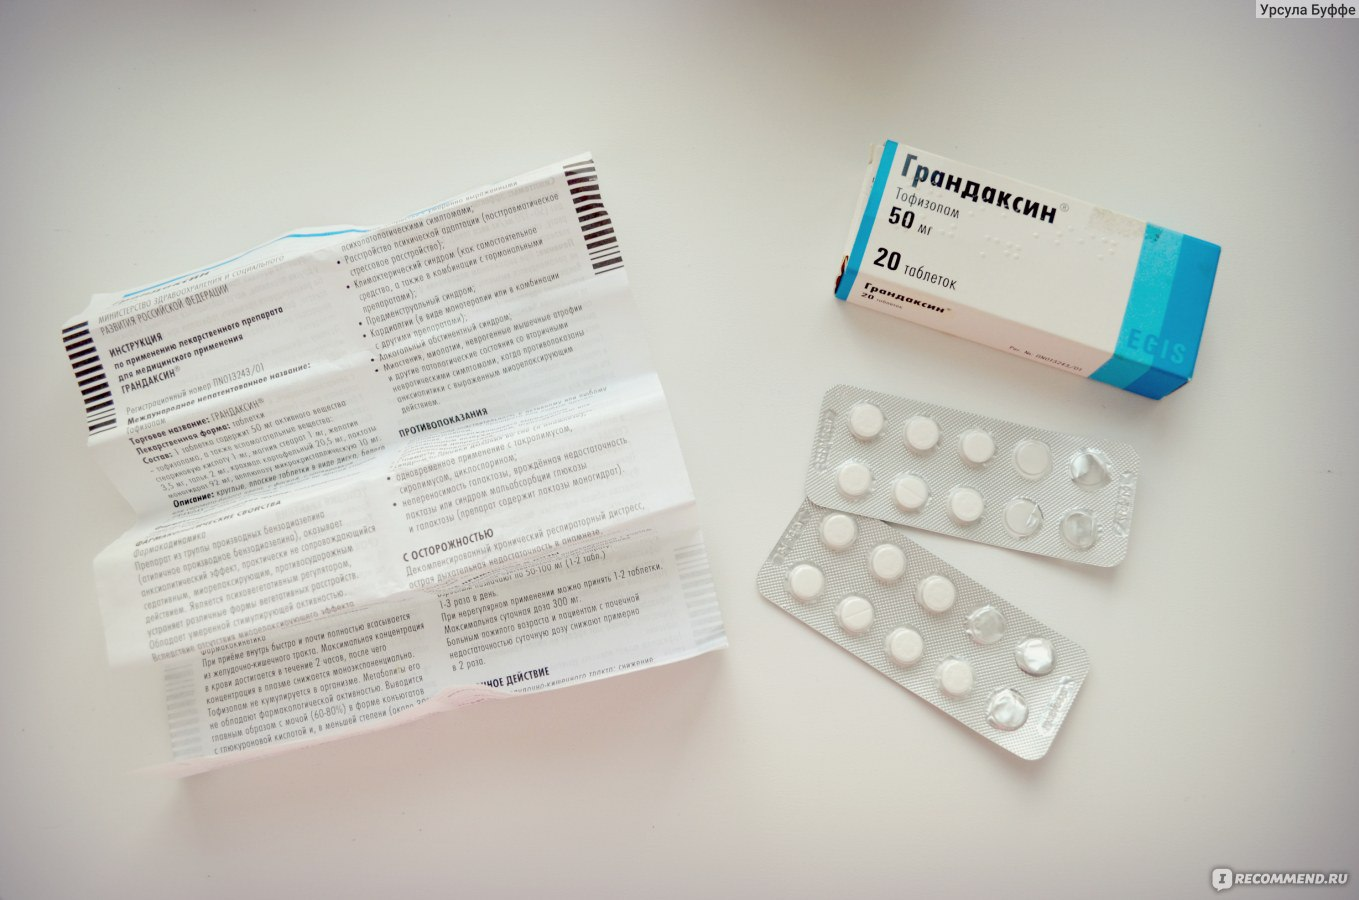 Экстракт валерианы в таблетках. инструкция по применению, дозировка, цена